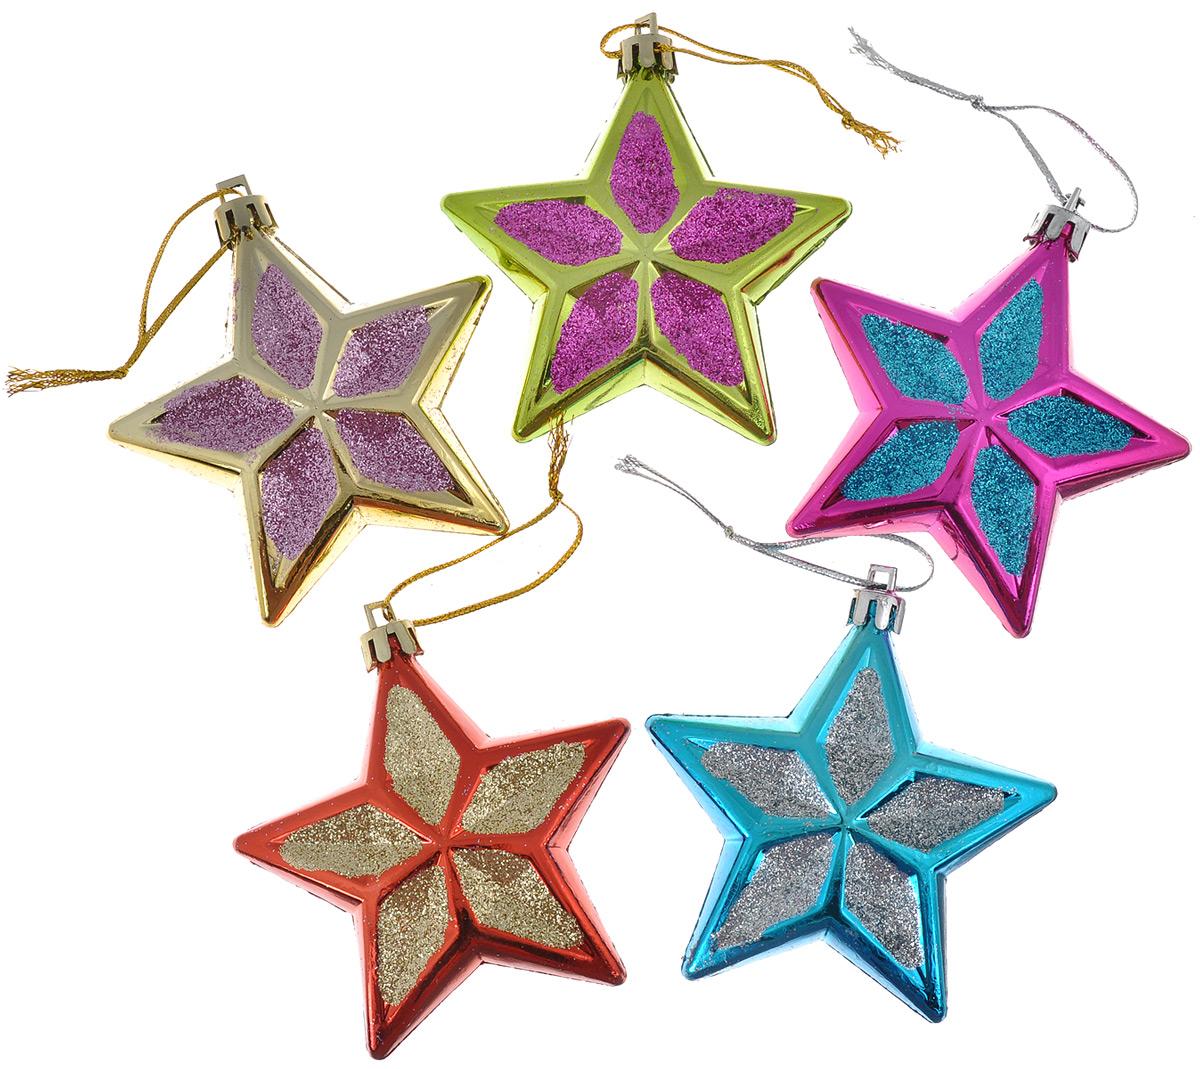 Набор елочных украшений EuroHouse Разноцветные звезды, 5 штЕХ 9108Набор EuroHouse Разноцветные звезды отлично подойдет для декора праздничной ели. В наборе 5 новогодних елочных игрушек, выполненных из глянцевого пластика в виде звездочек и покрытых сверкающим глиттером. Игрушки оснащены петельками для подвешивания. Елочная игрушка - символ Нового года. Она несет в себе волшебство и красоту праздника. Создайте в своем доме атмосферу веселья и радости, украшая новогоднюю елку нарядными игрушками, которые будут из года в год накапливать теплоту воспоминаний.